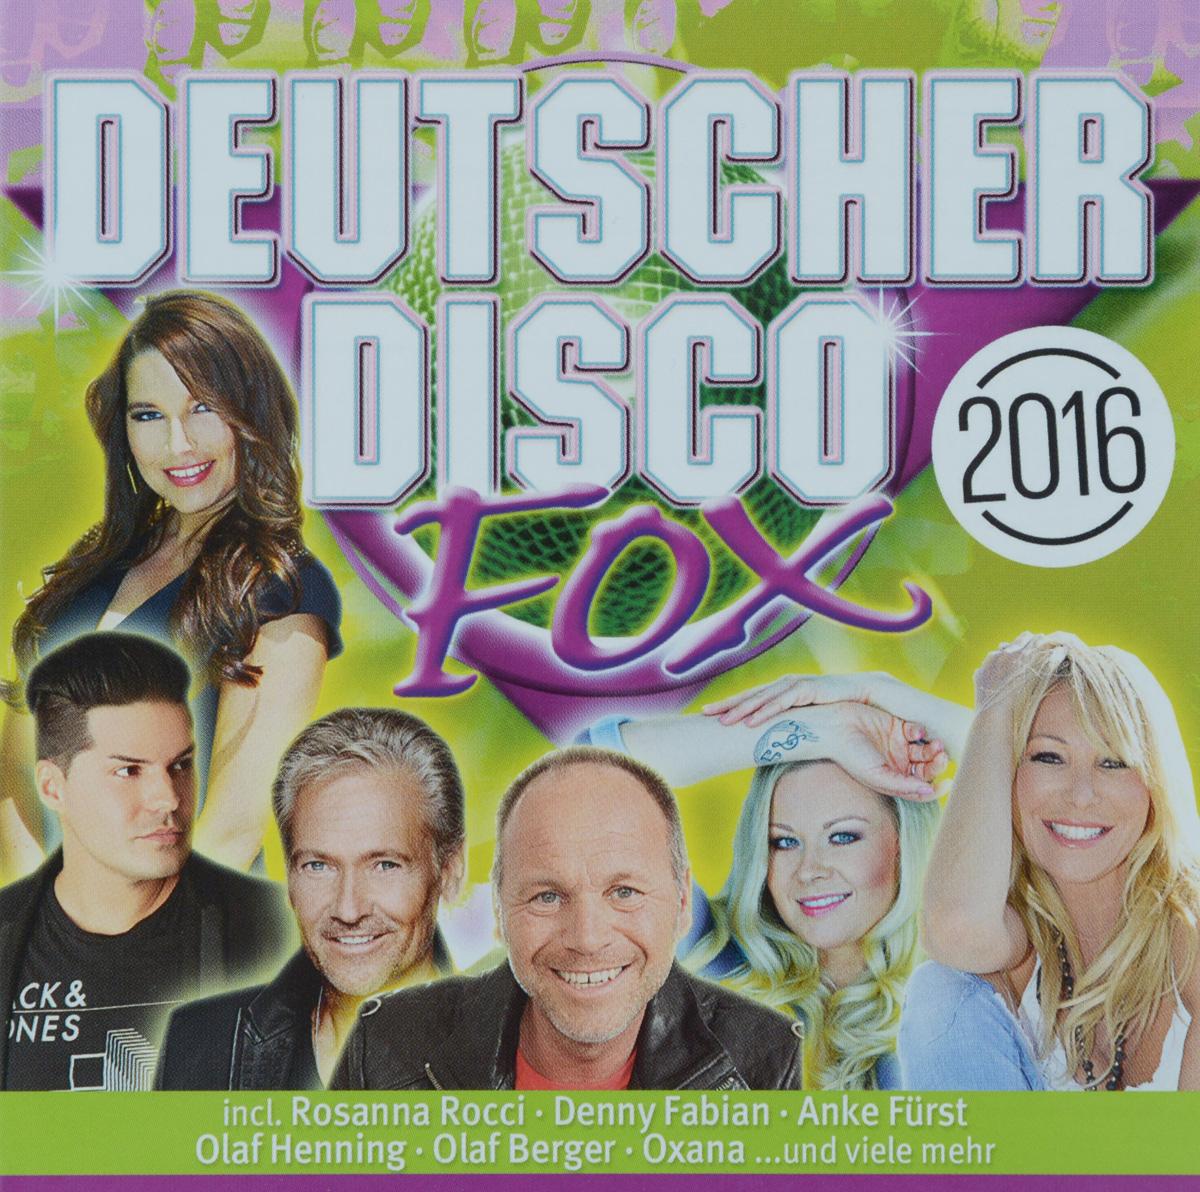 Сэнди Вагнер Deutscher Disco Fox 2016 (2 CD) deutscher disco fox 2011 2 cd